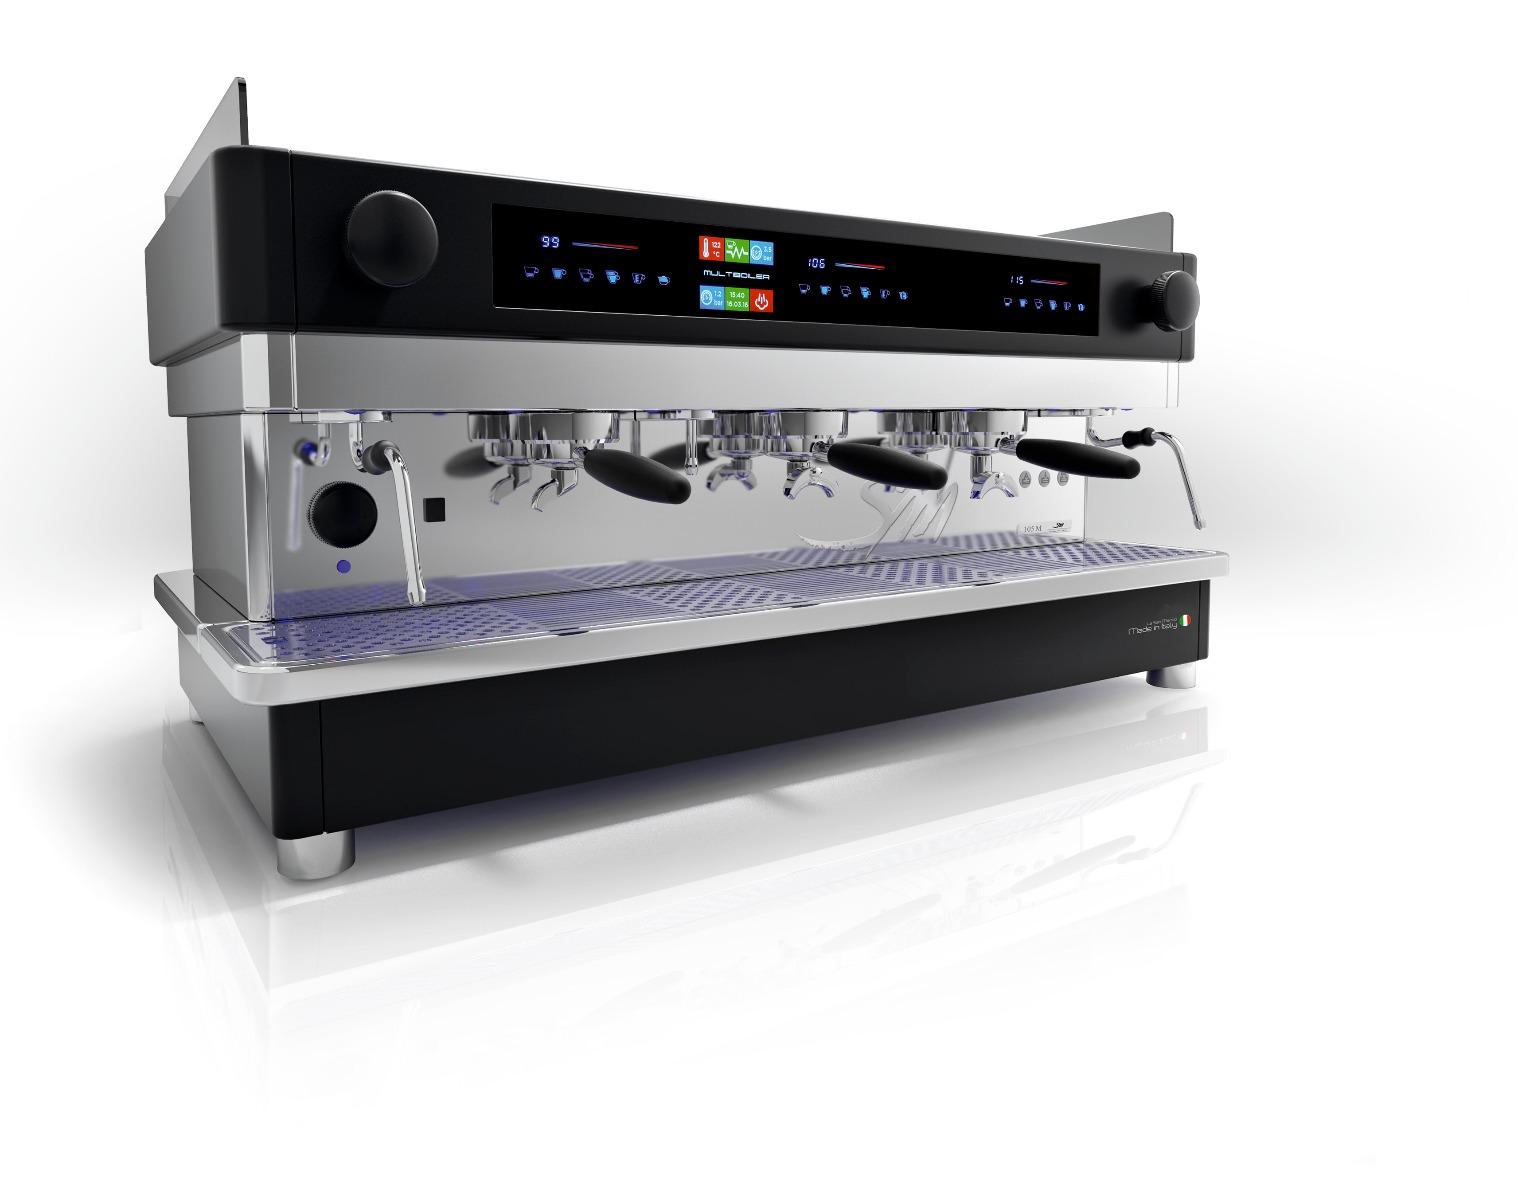 16459 | Кофемашина профессиональная La San Marco 105 Multiboiler ACT 3 GR б/у | Coffee Shop